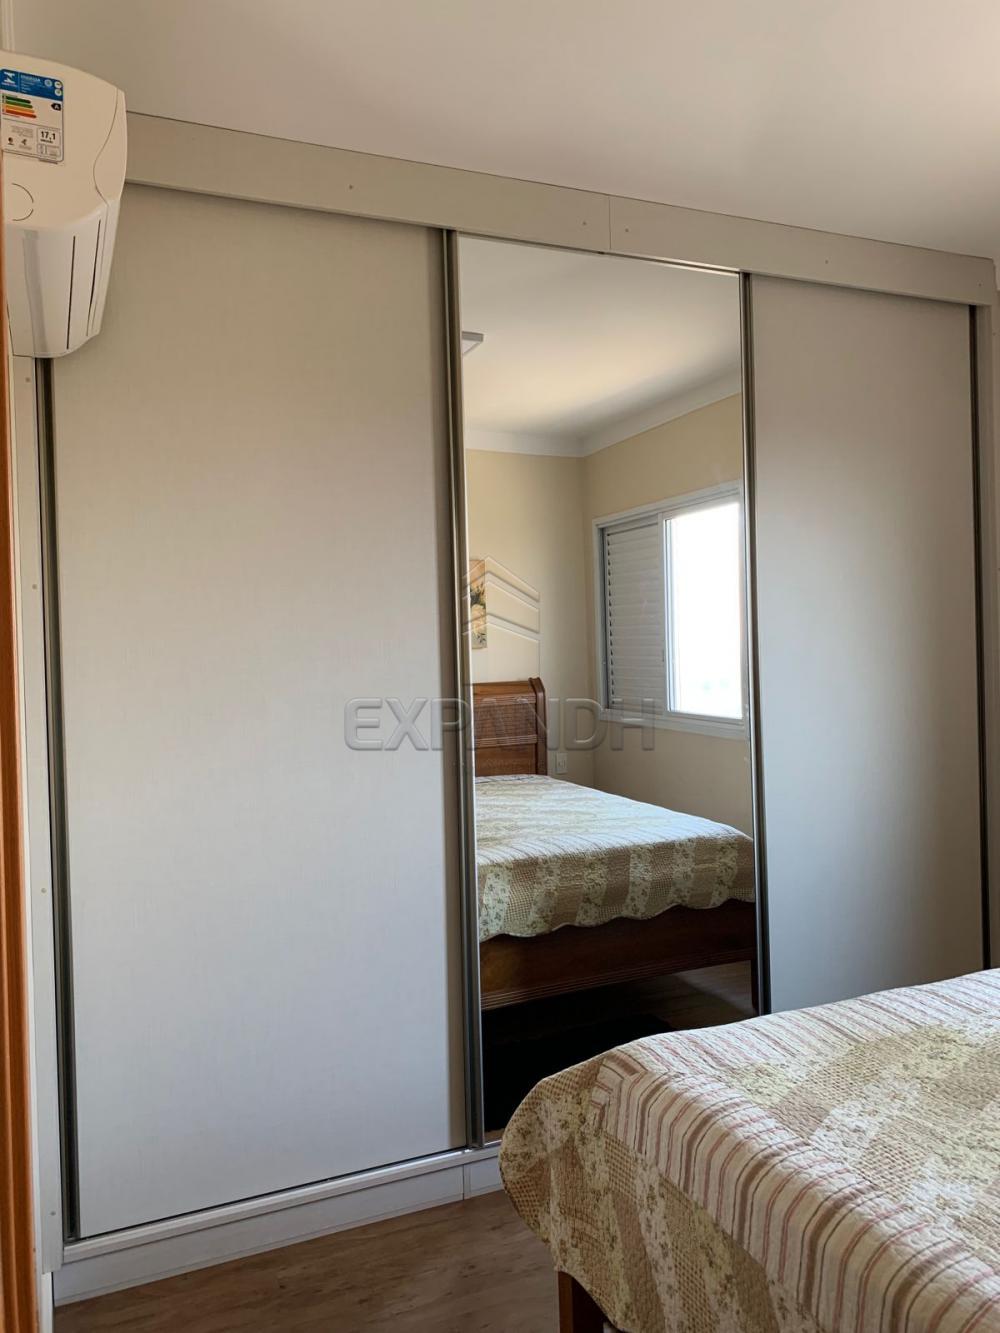 Comprar Apartamentos / Padrão em Sertãozinho R$ 450.000,00 - Foto 14